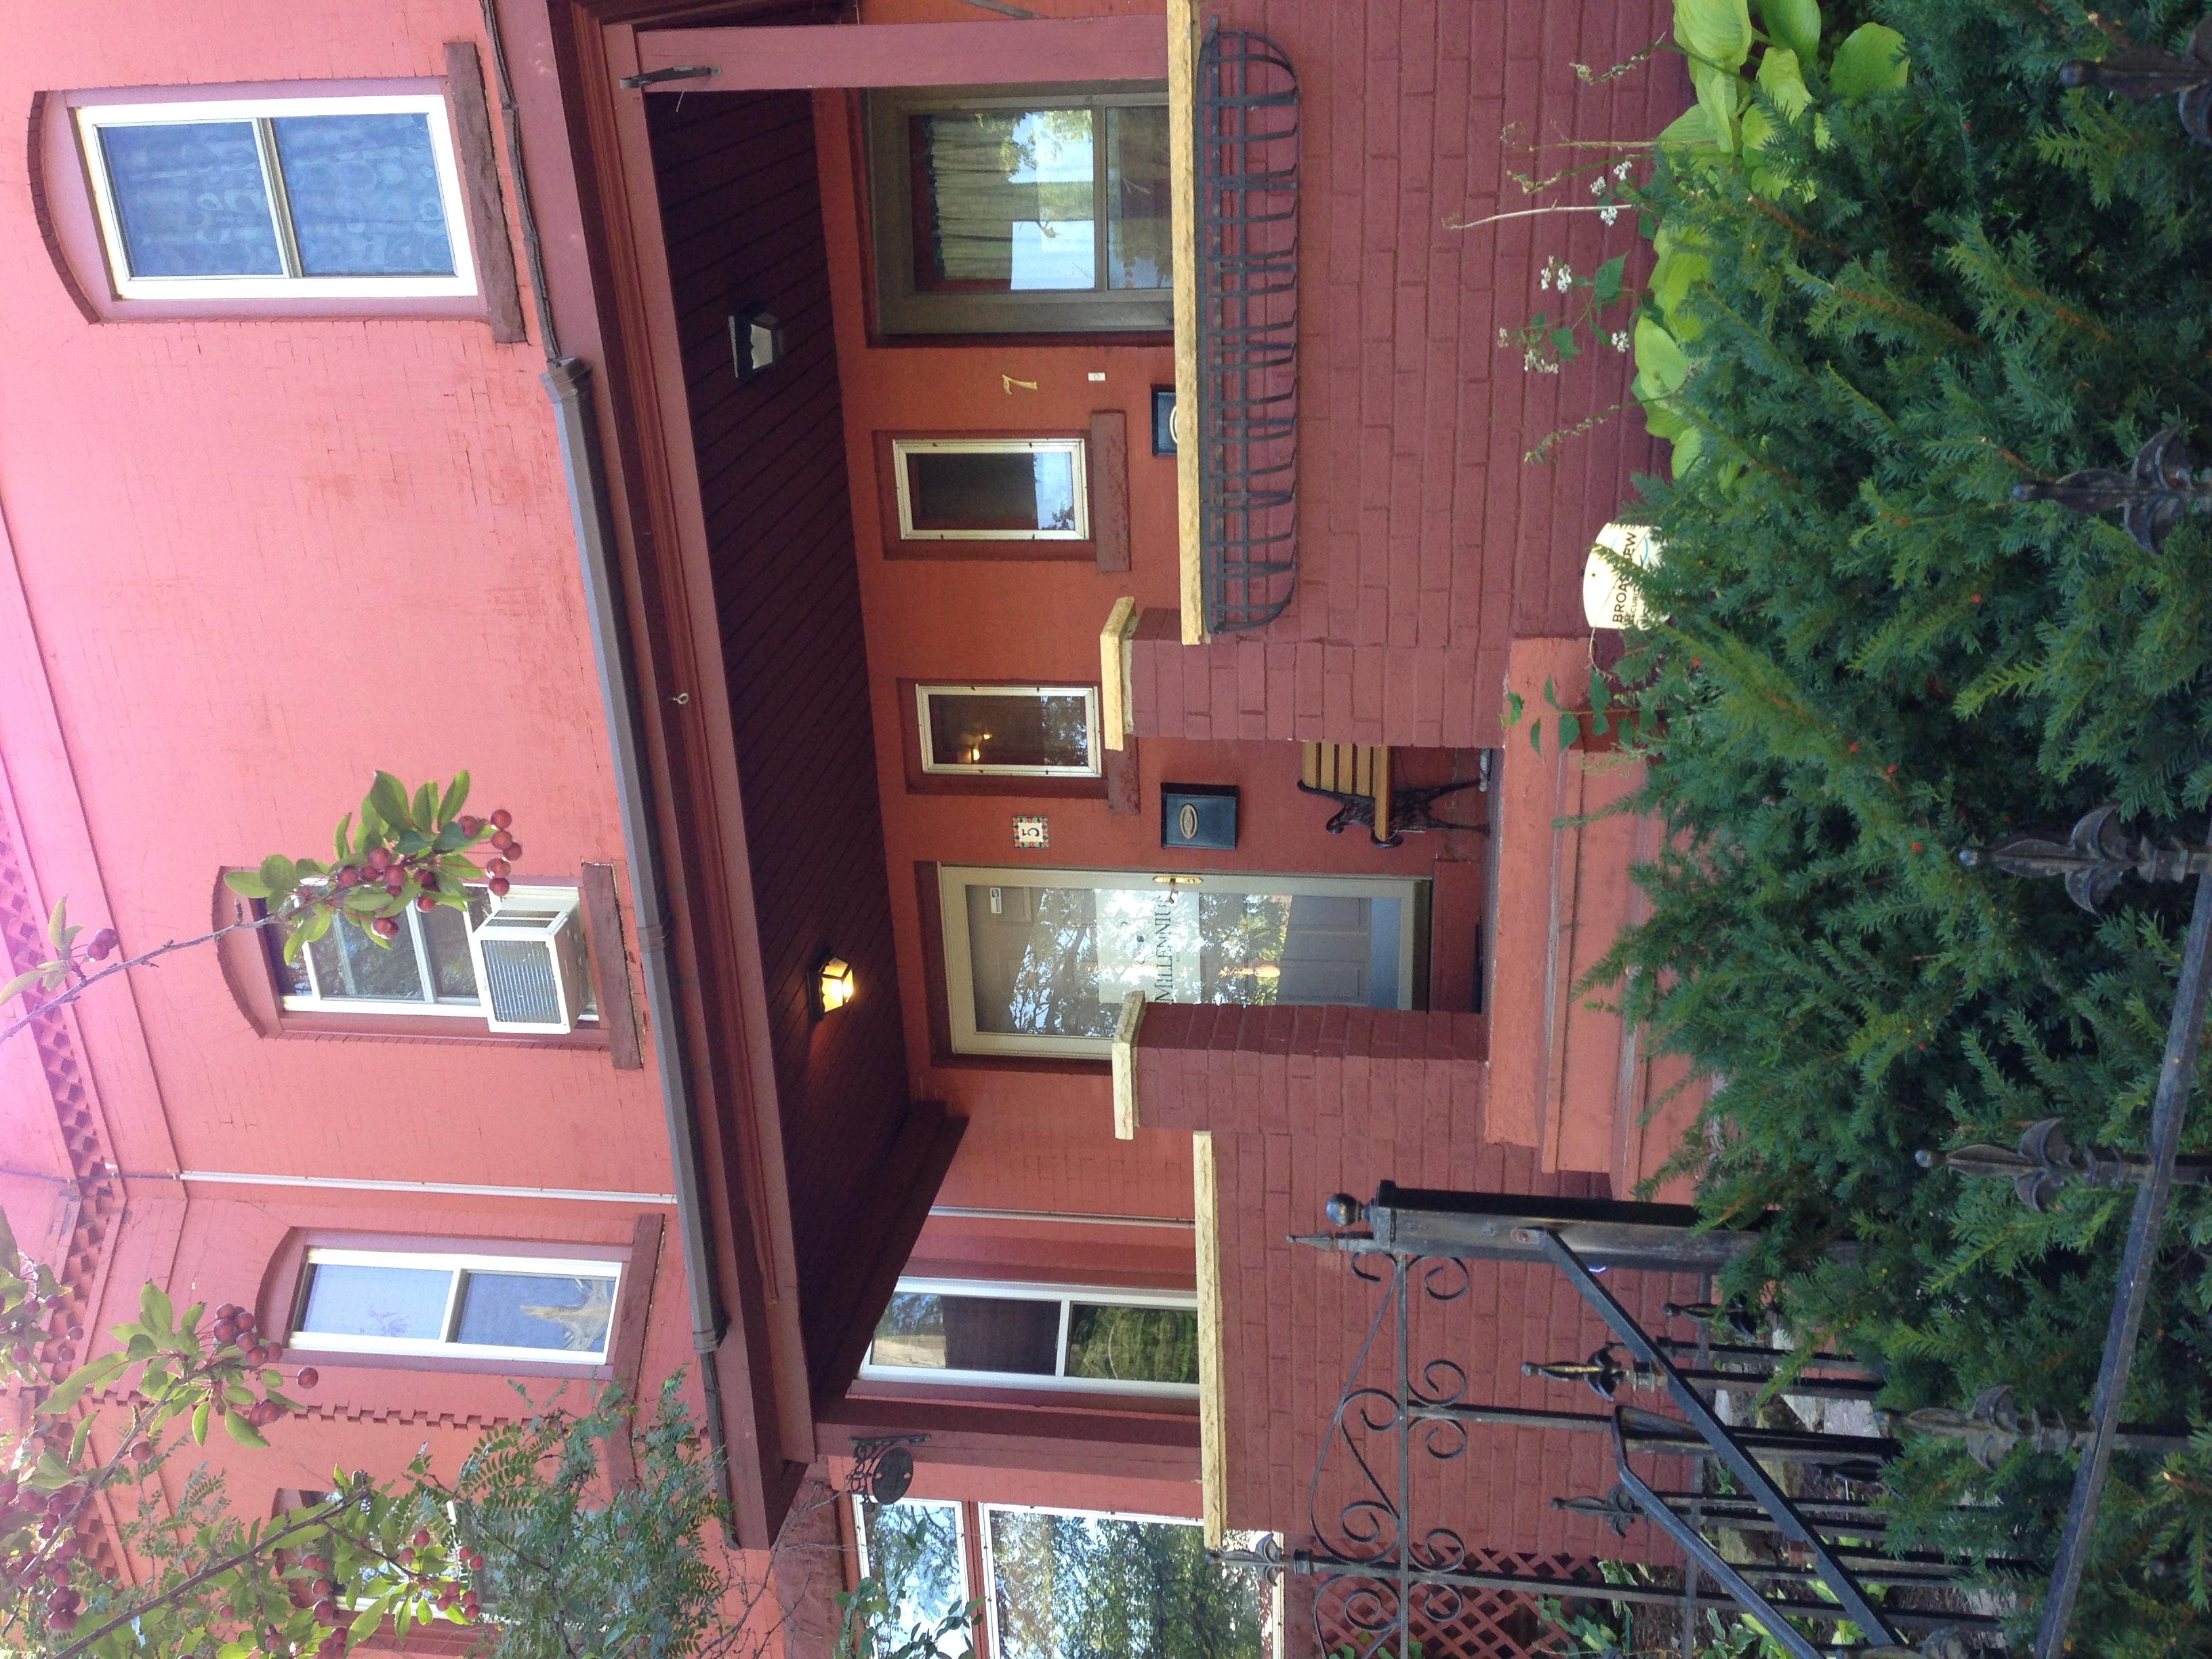 Hintergrundbilder : Fenster, Gebäude, Haus, Büro, Balkon, Hütte ...